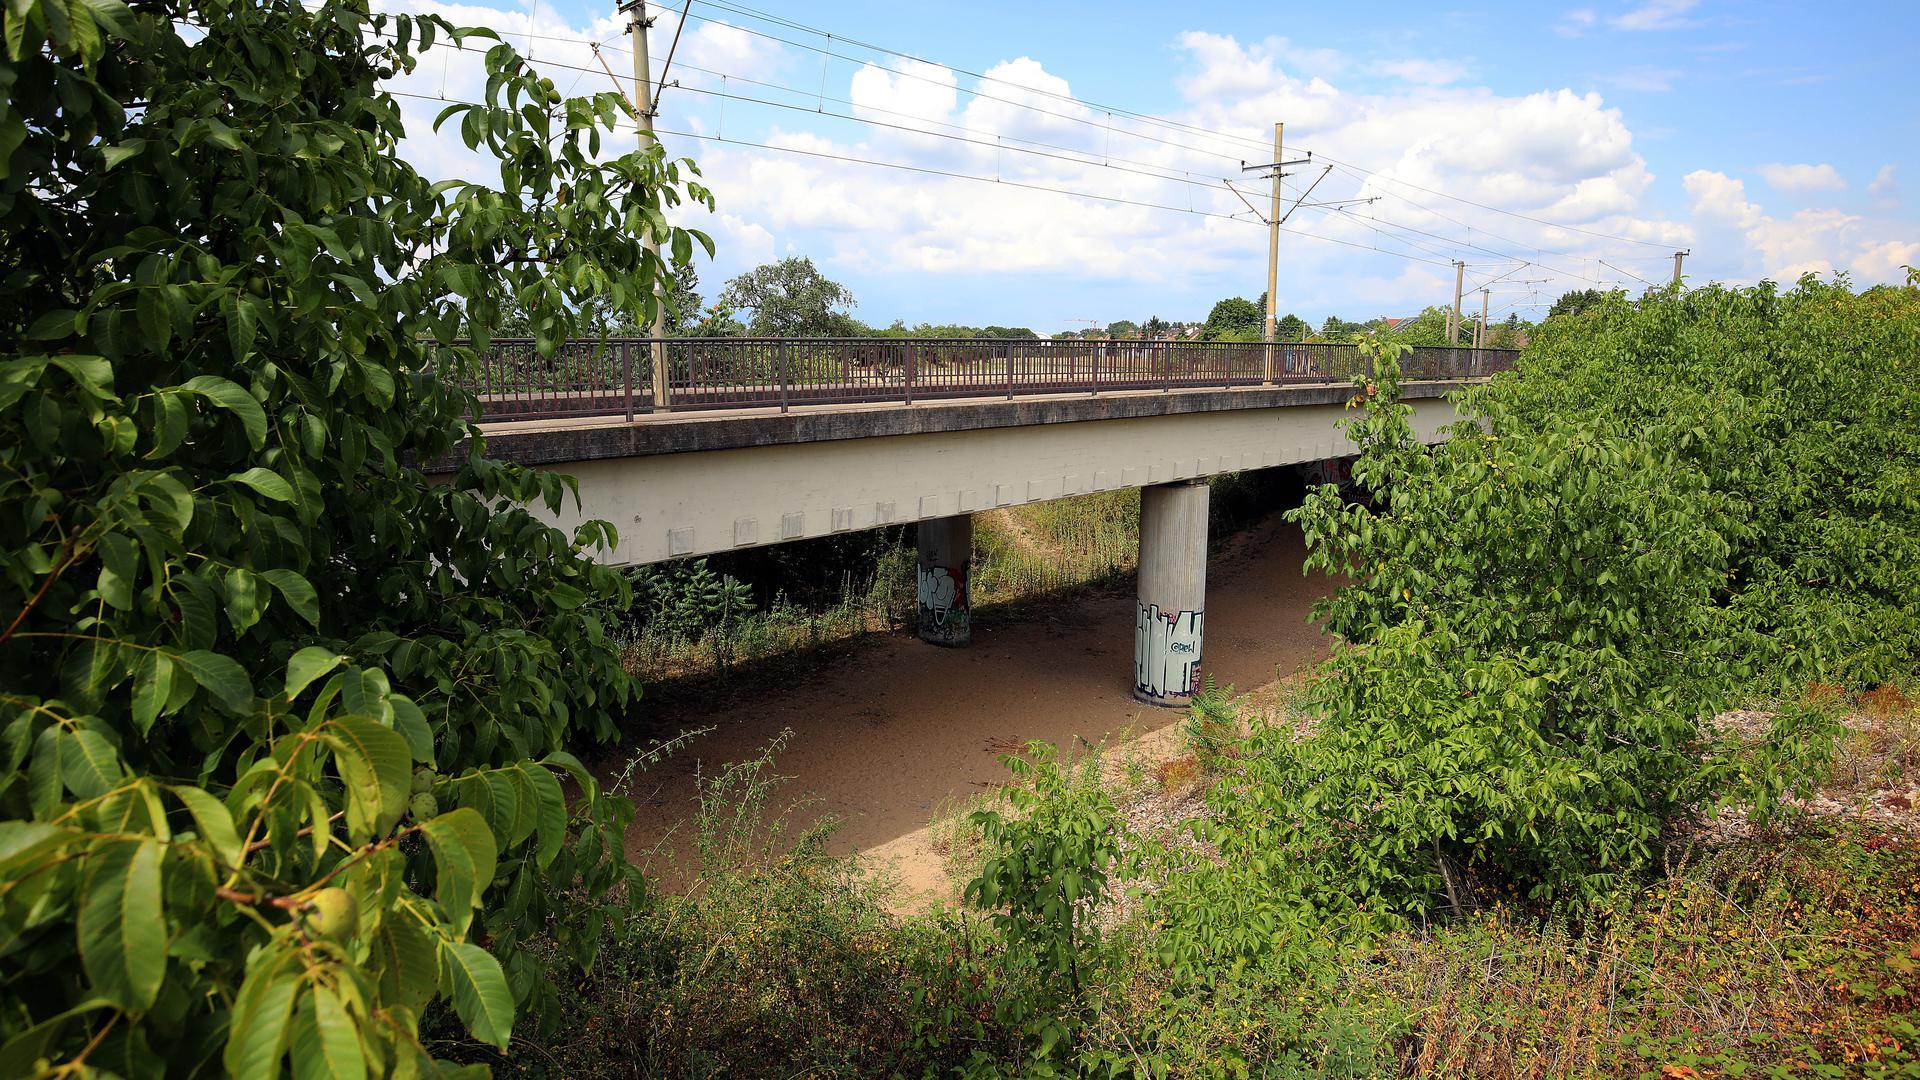 """Dann wäre die Straßenbahnbrücke endgültig eine """"So-Da-Brücke"""", also eine Brücke, die ohne erkennbaren Grund einfach """"so da"""" steht."""